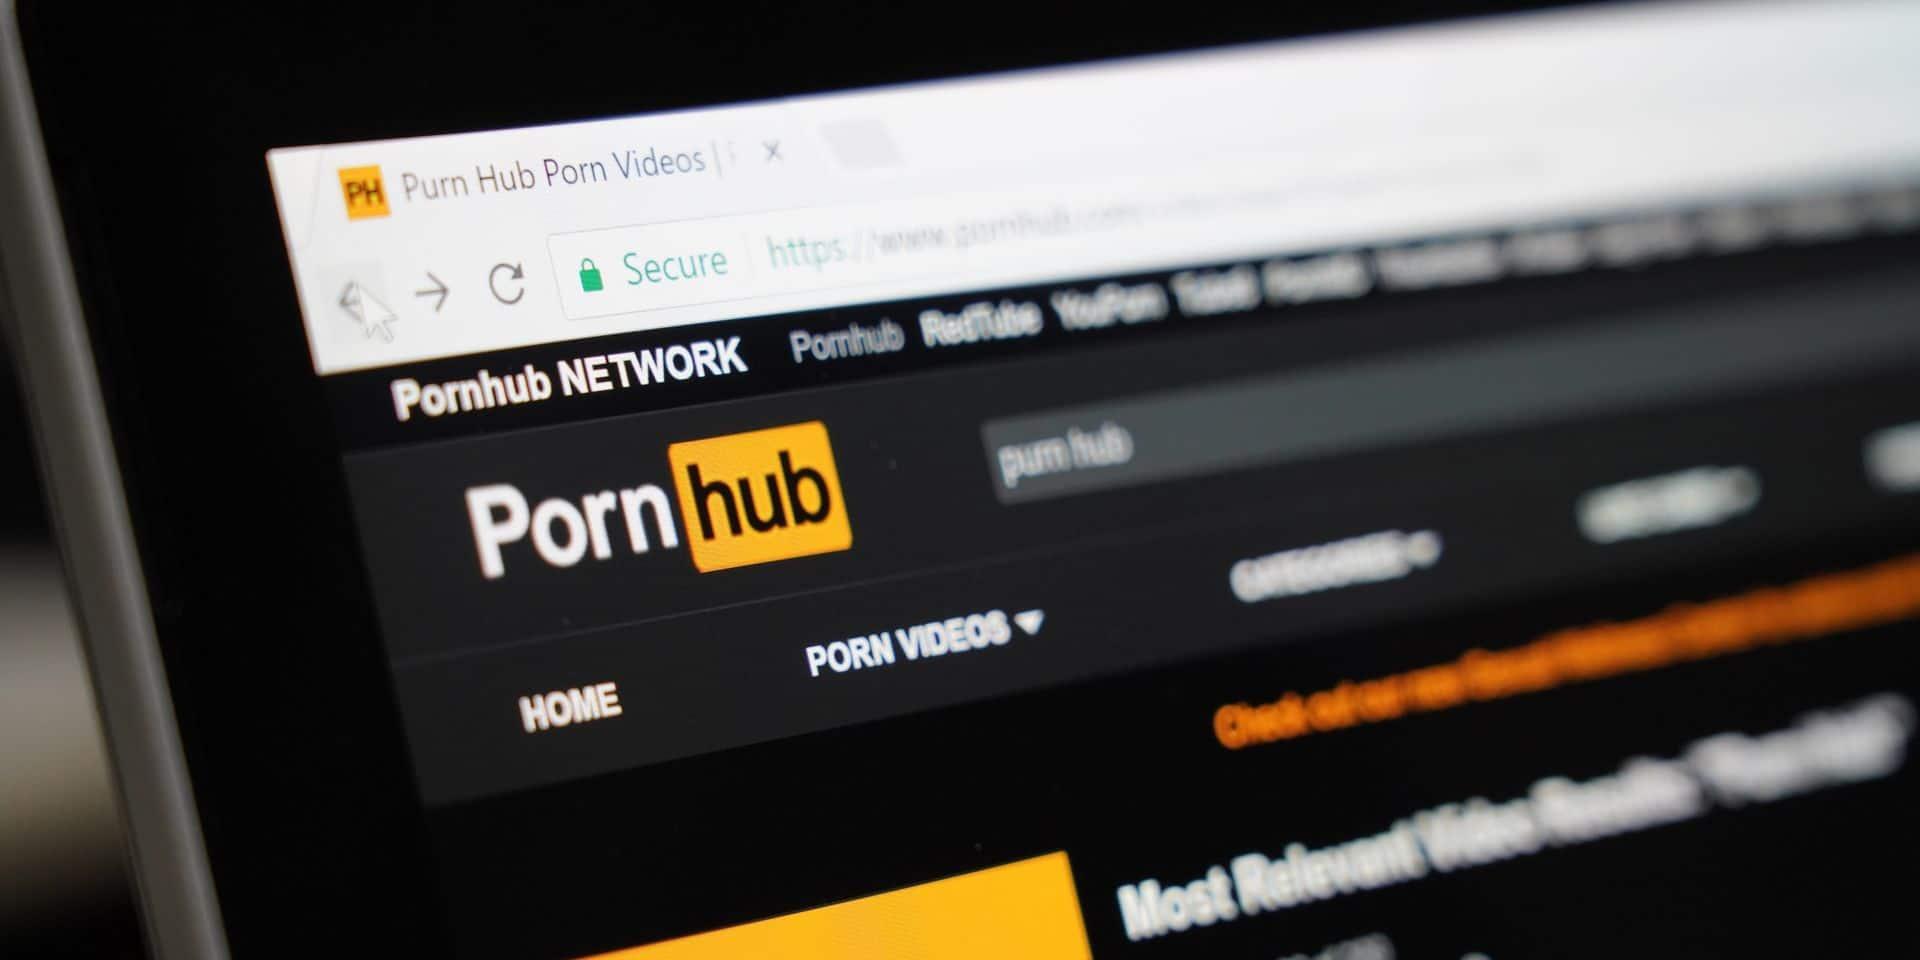 Le site Pornhub visé par une enquête officielle au Canada